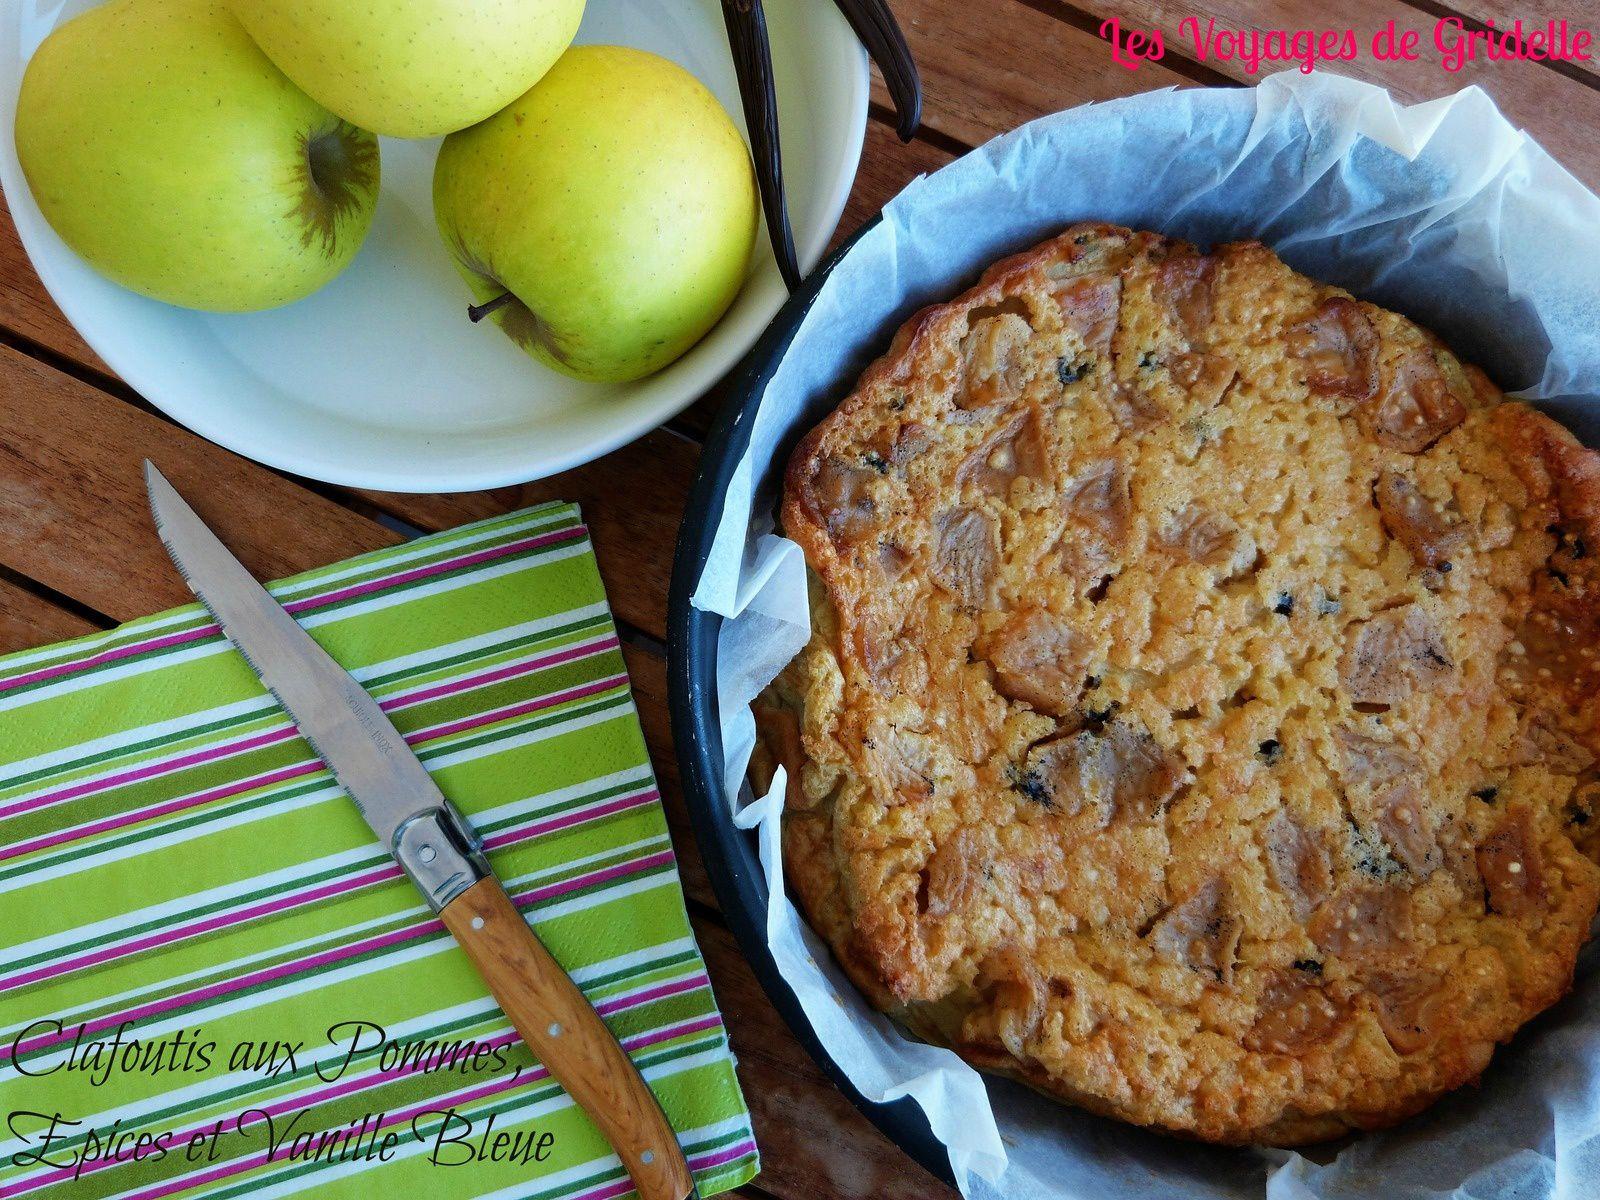 Clafoutis aux Pommes, Épices et Vanille Bleue - Les Voyages de Gridelle